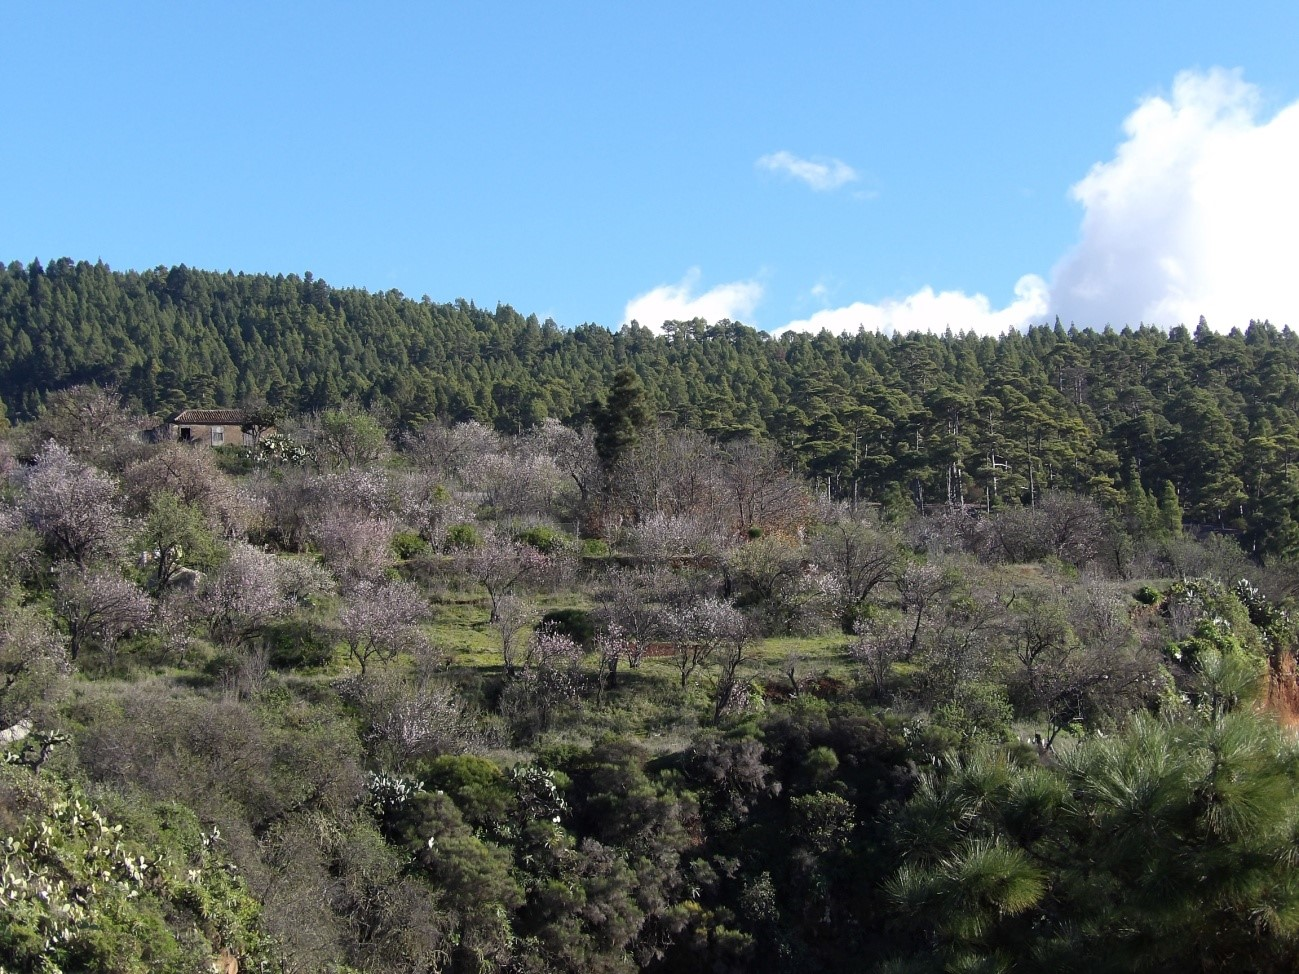 Foto nº7. Bancales con almendros en flor, paisajes de gran atractivo turístico